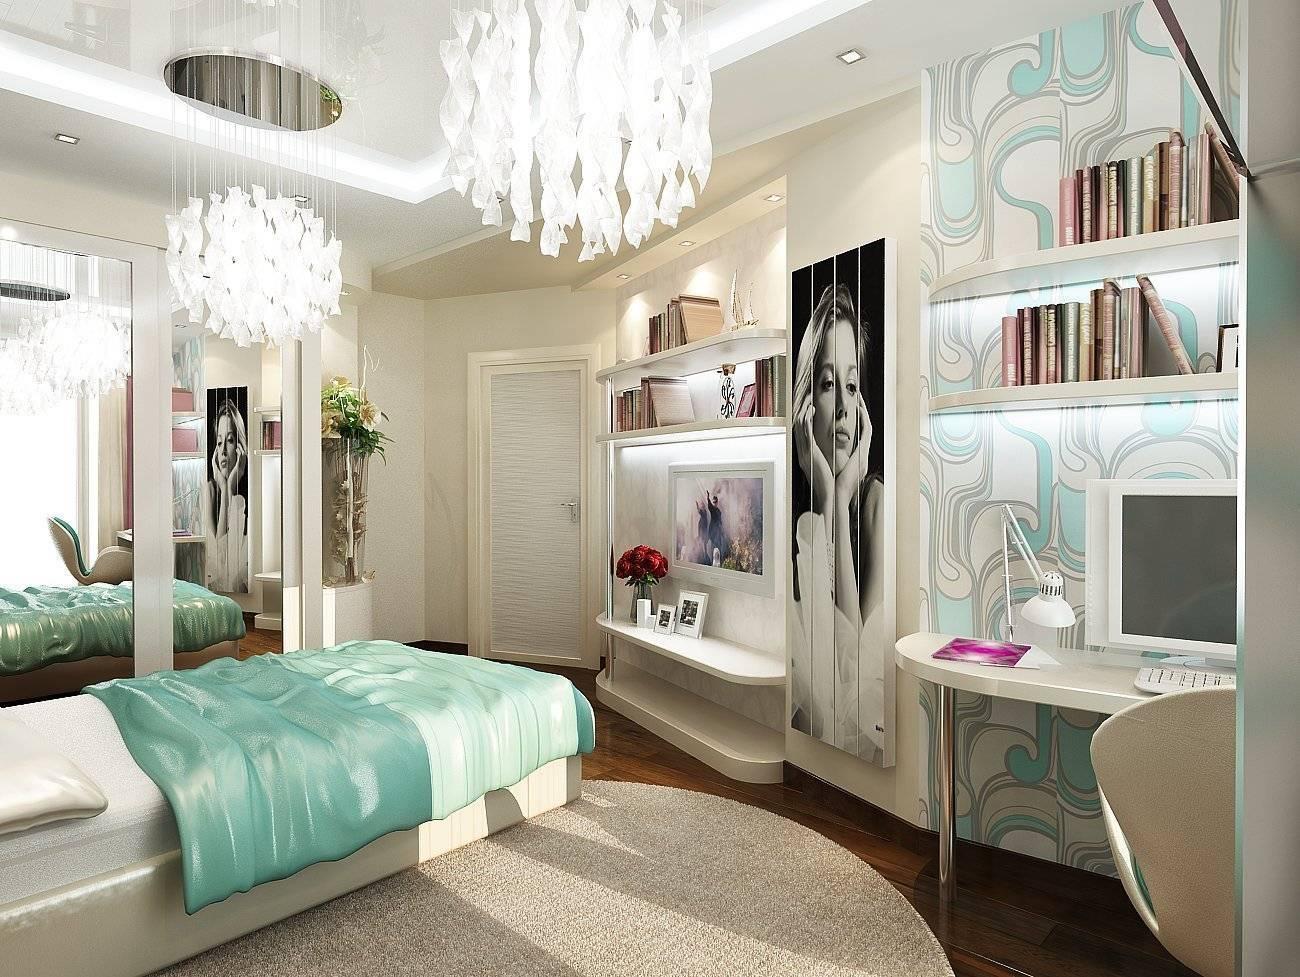 Комната для подростков: дизайн, планировка, обои, мебель